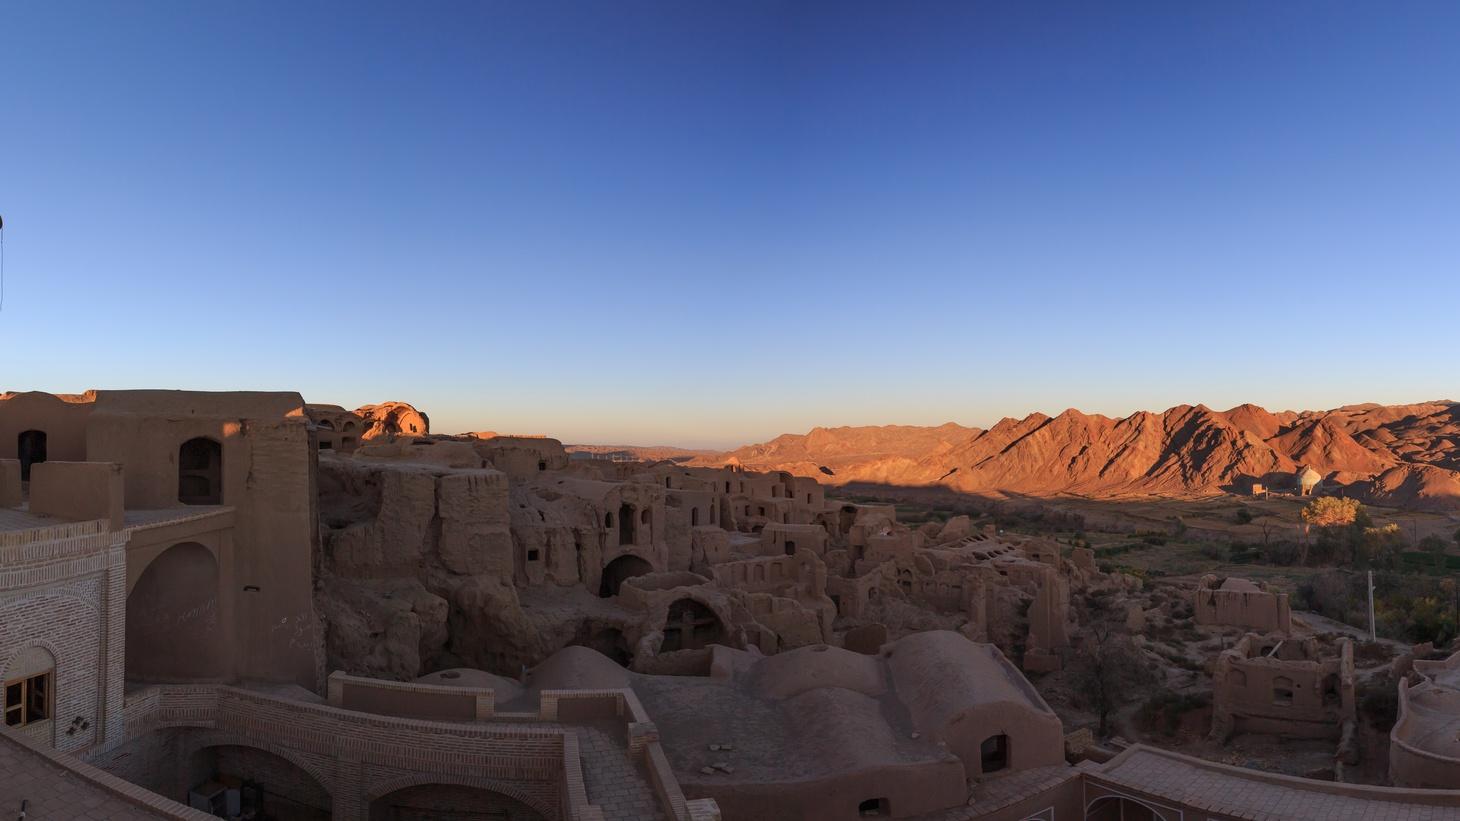 Kharanaq at sunset near Yazd, Iran.